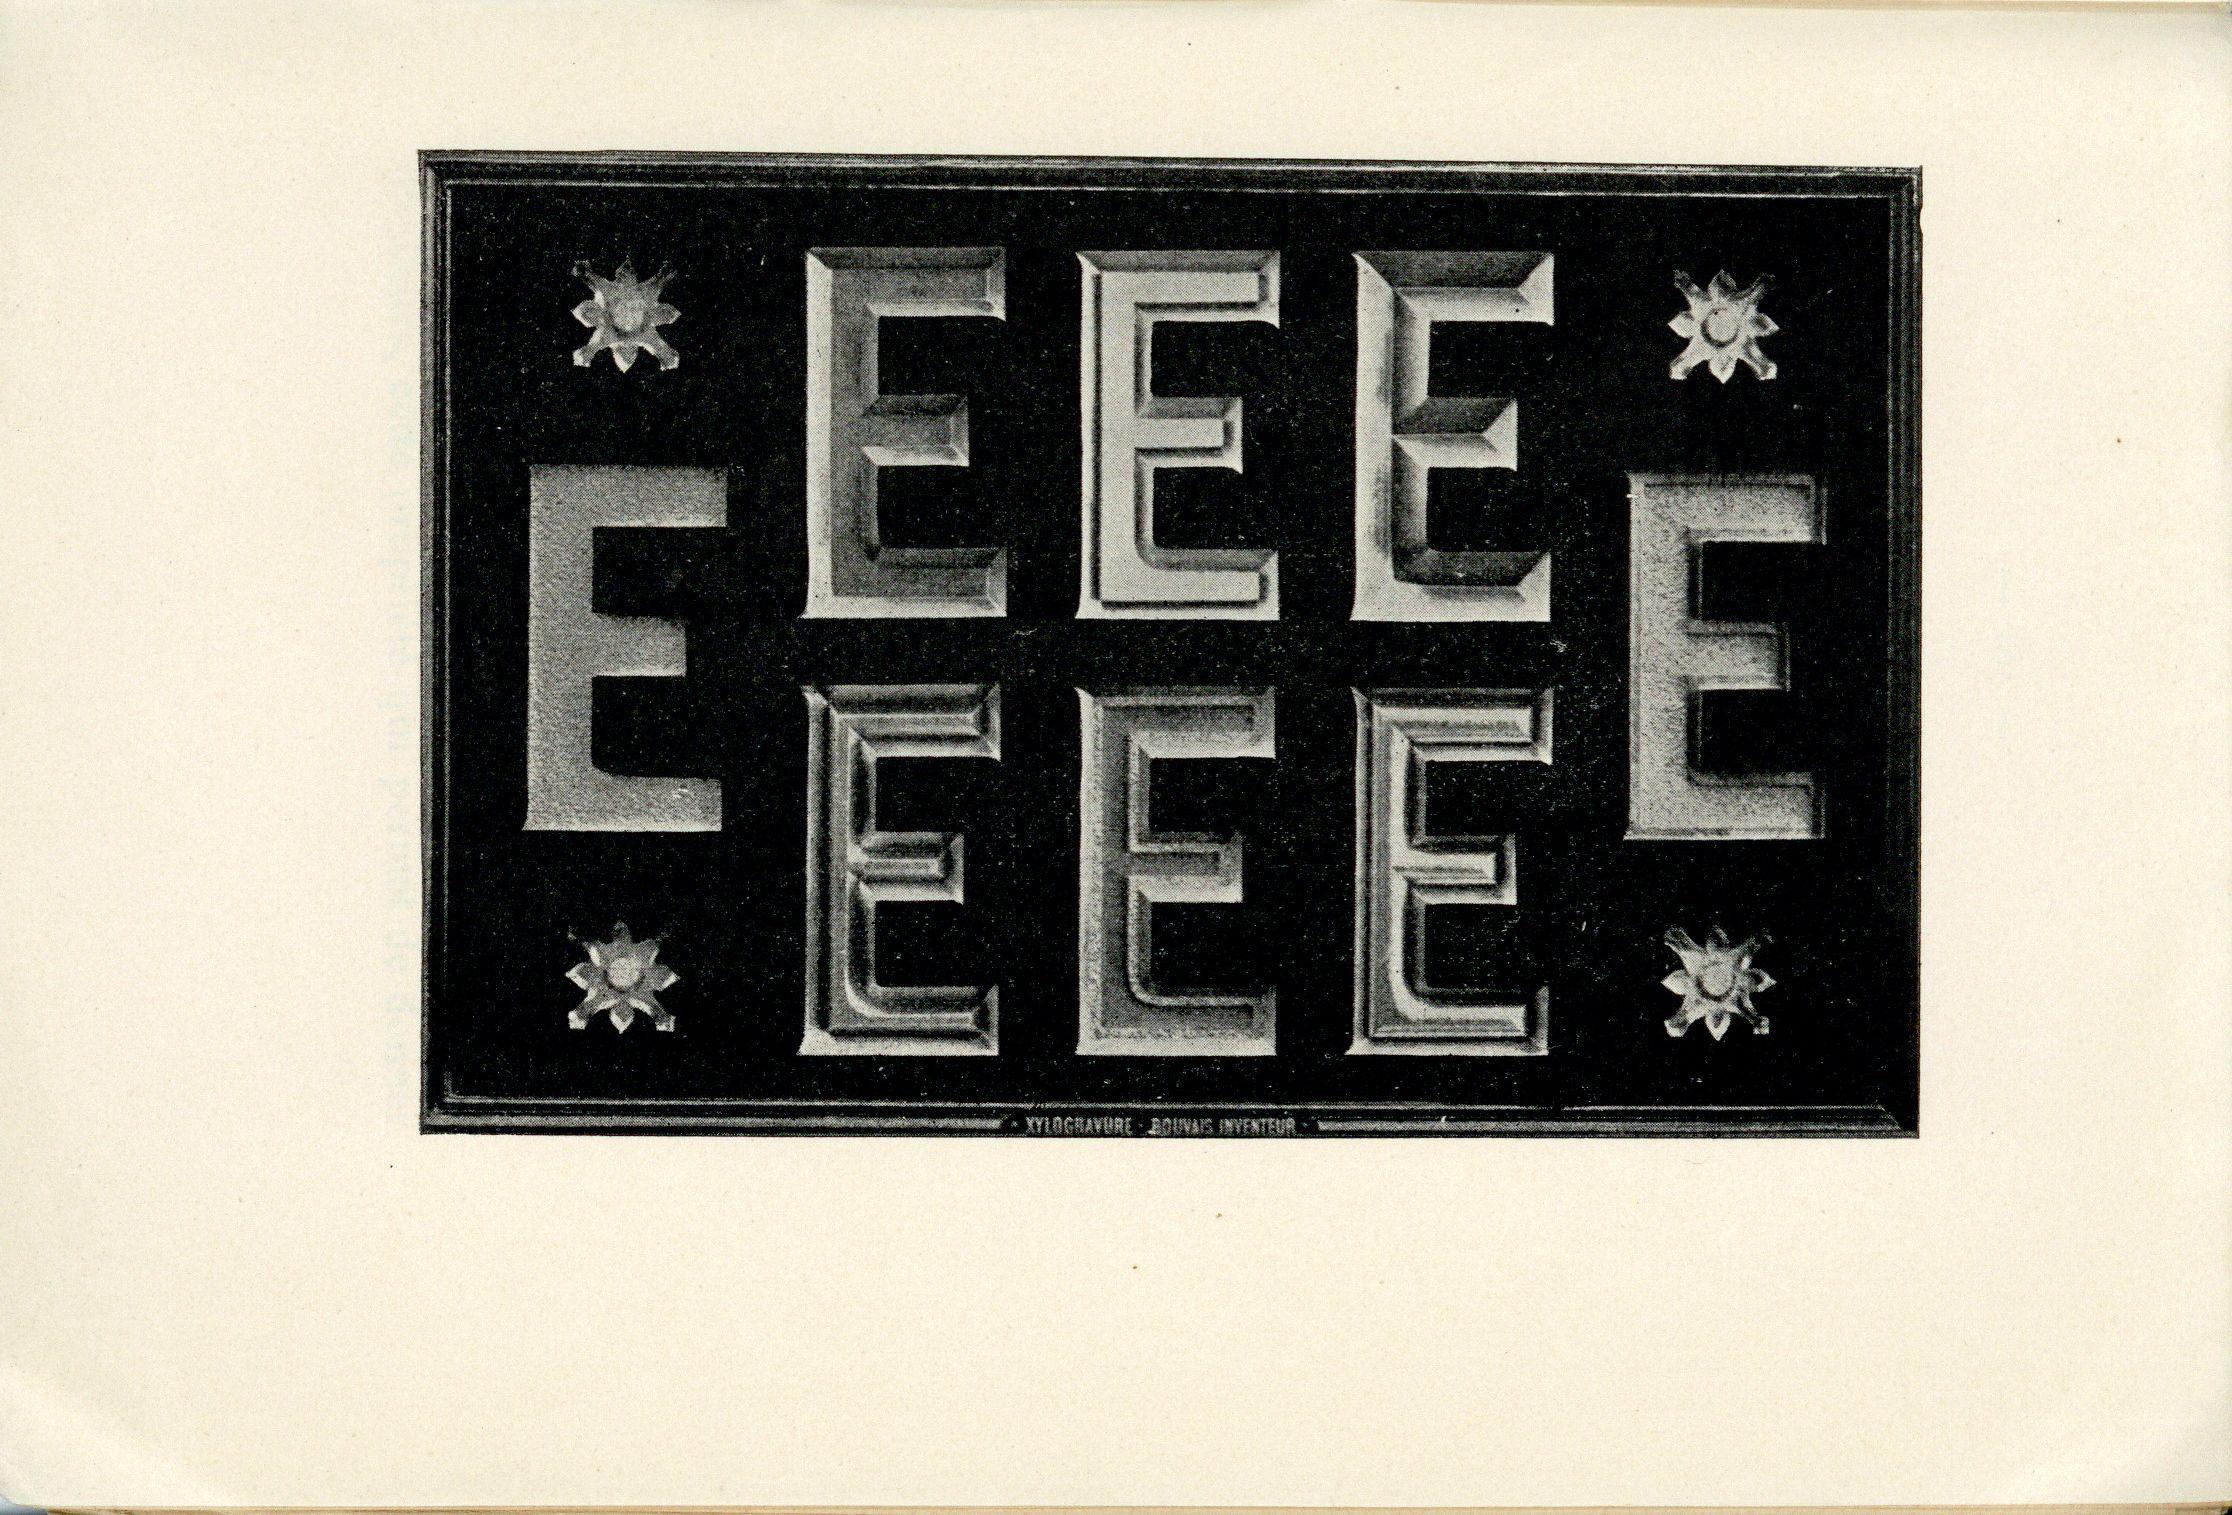 Emile-Bouvaist-lettres-sculptees03